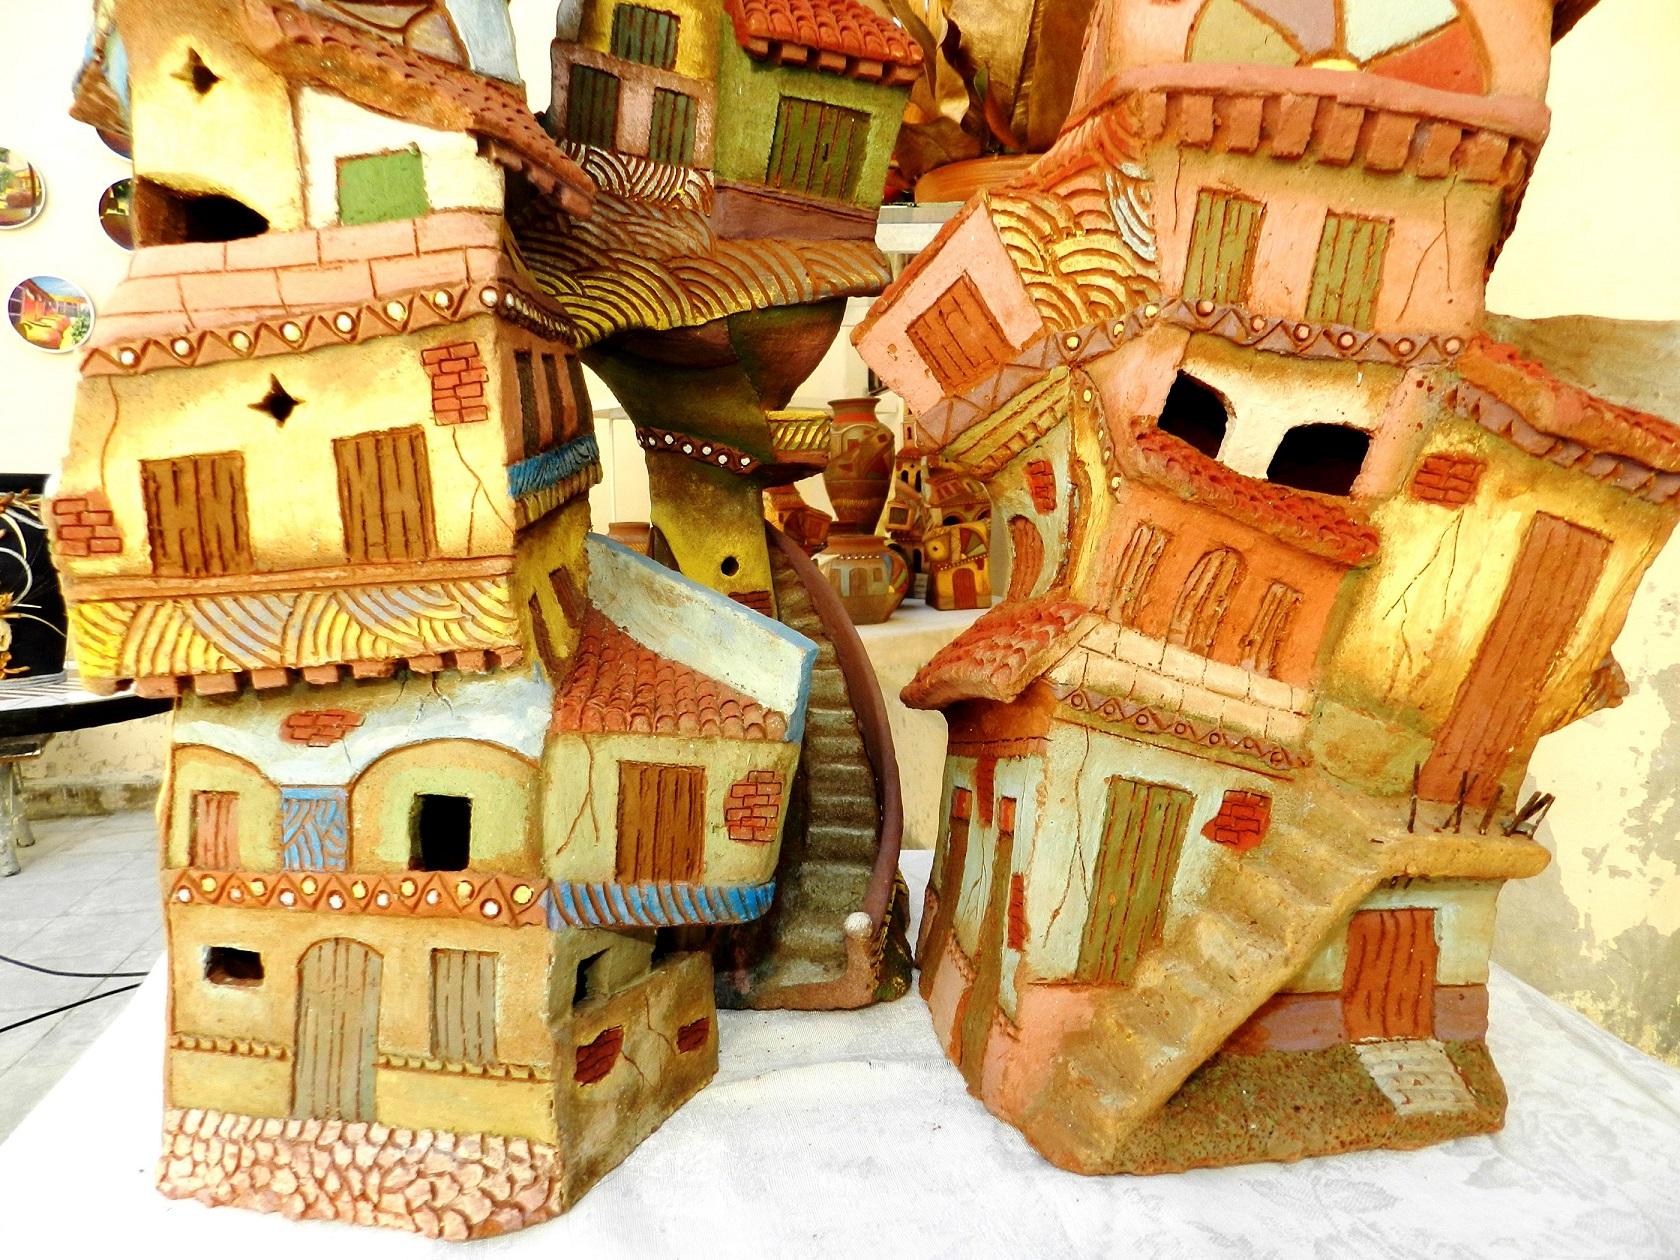 Anejas arquitectura de la suave comarca de pastores y sombreros, con sus calles sinuosas